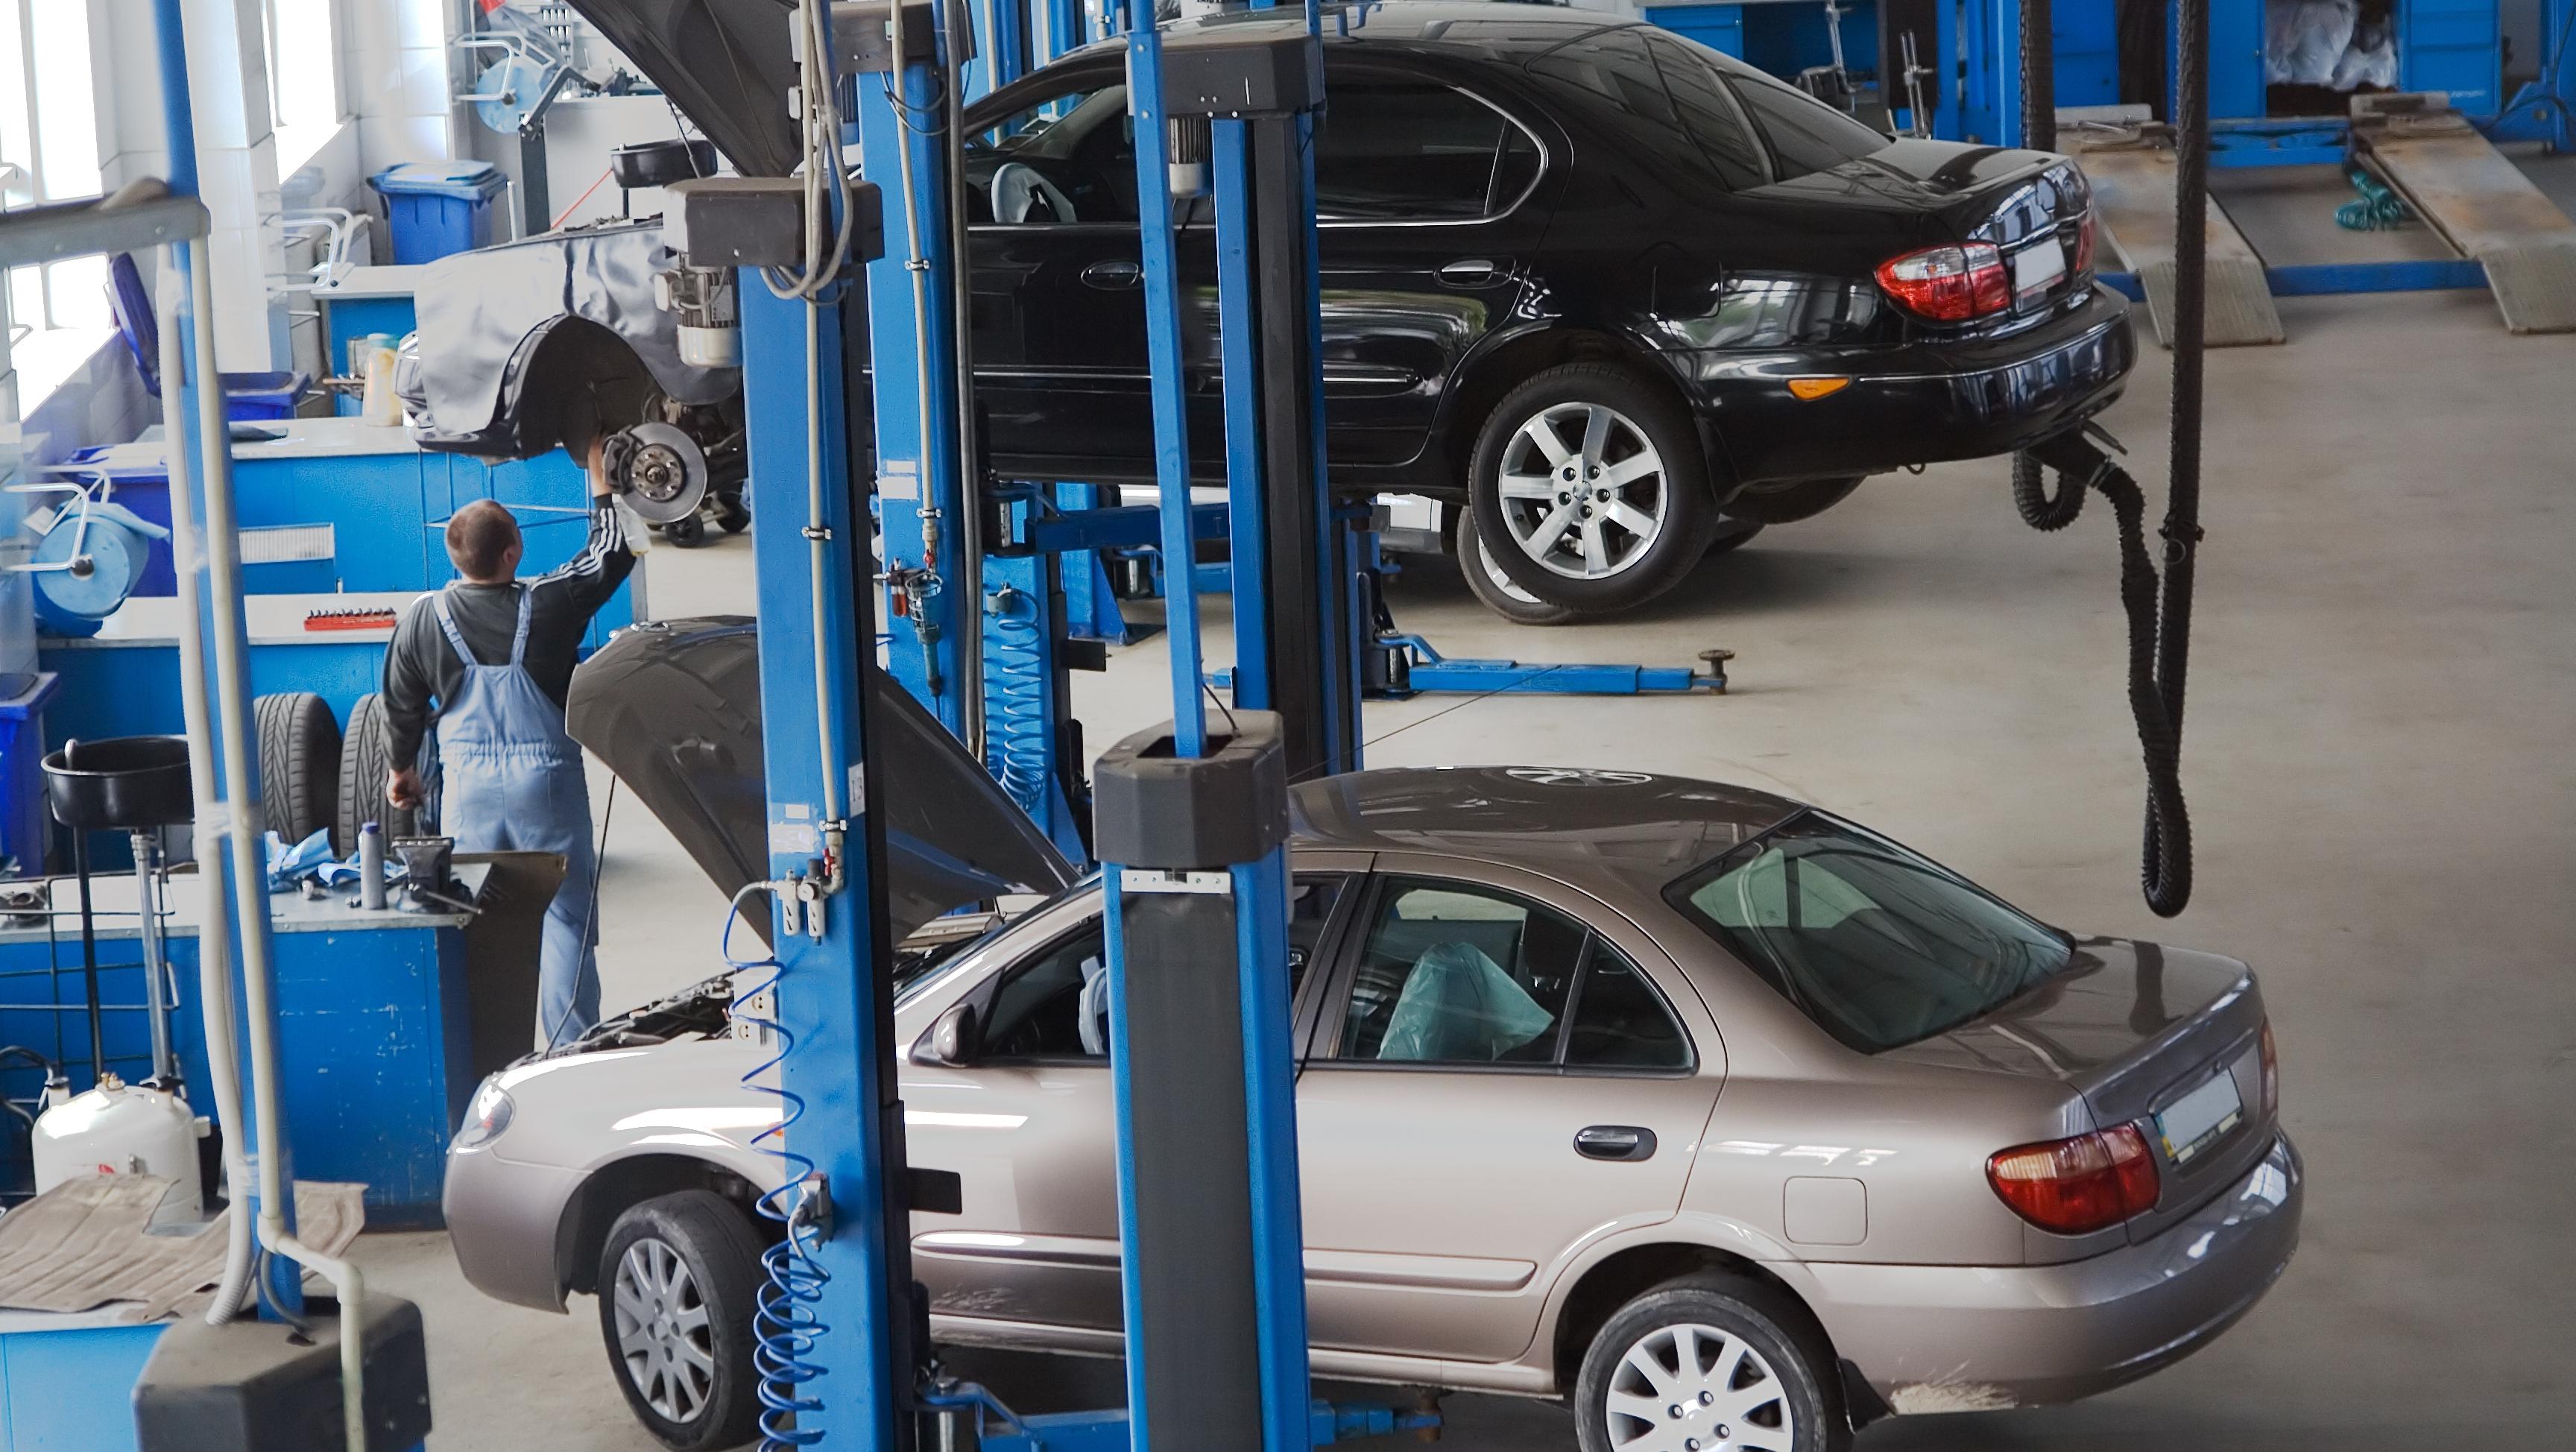 Service-urile auto spun că sunt obligate să plătească taxe de 10-20 de ori mai mari